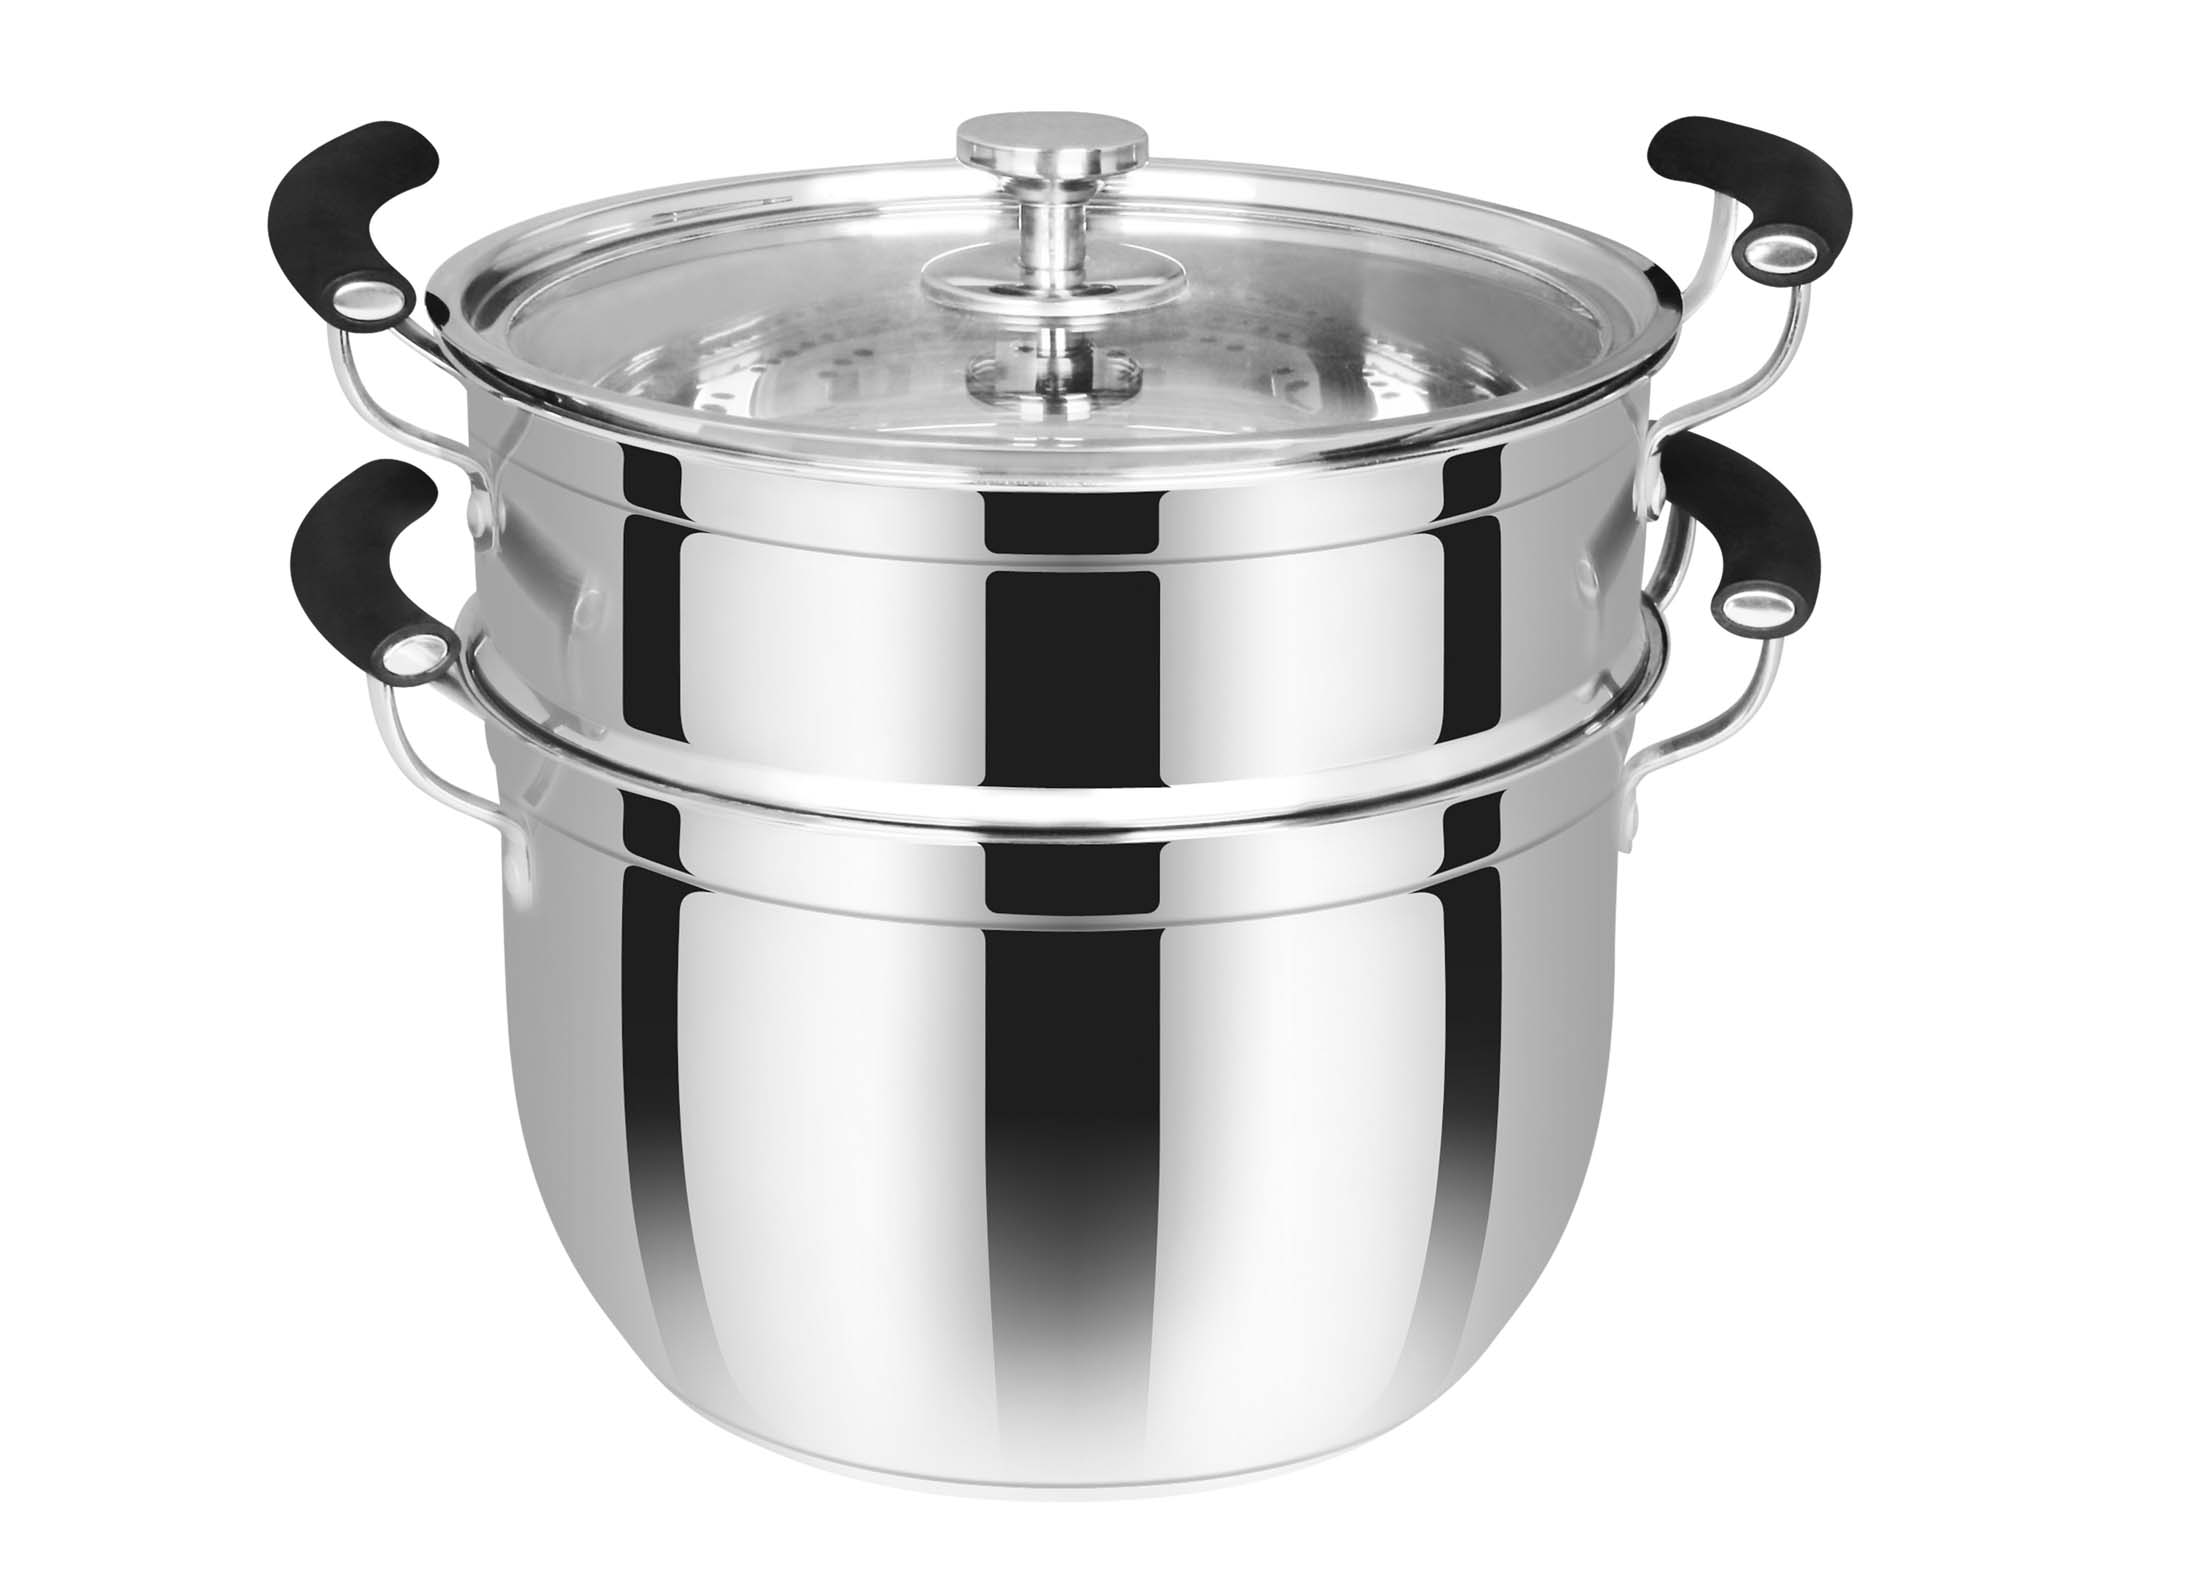 双层韩式蒸锅